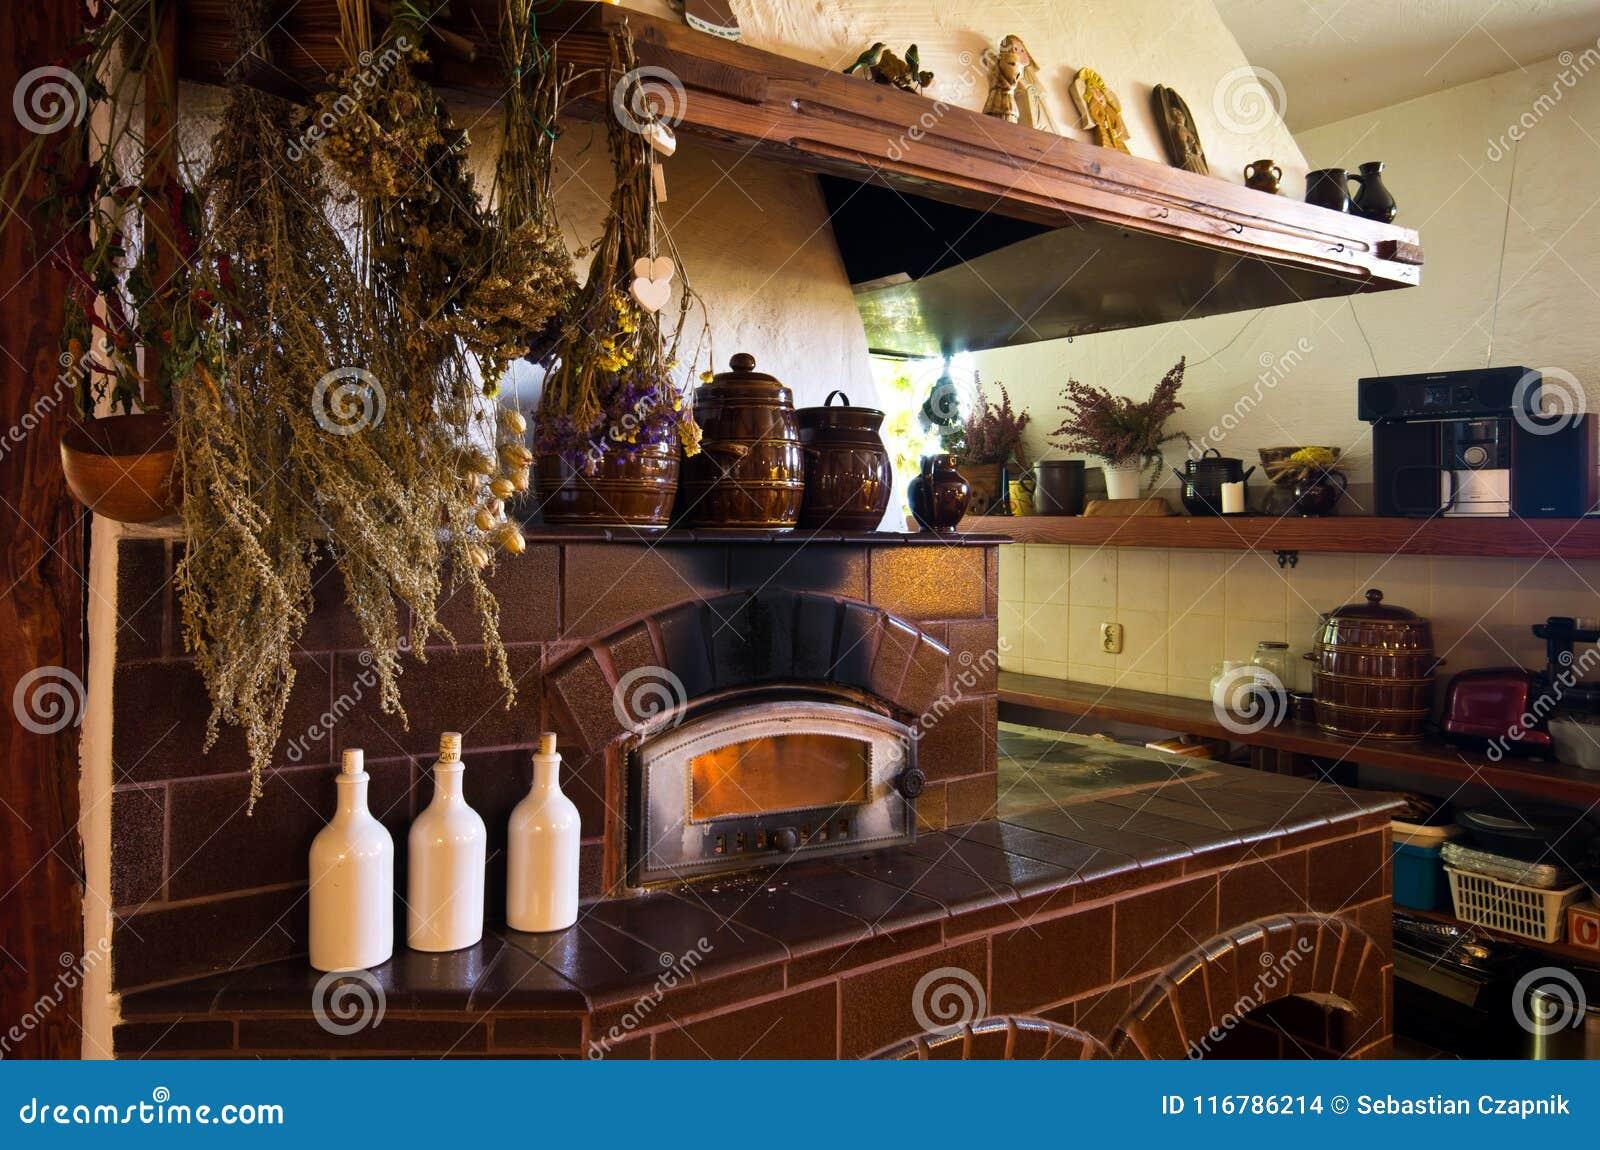 Retro camino nella cucina rustica fotografia stock immagine di pietra ceramic 116786214 - Cucina rustica in pietra ...